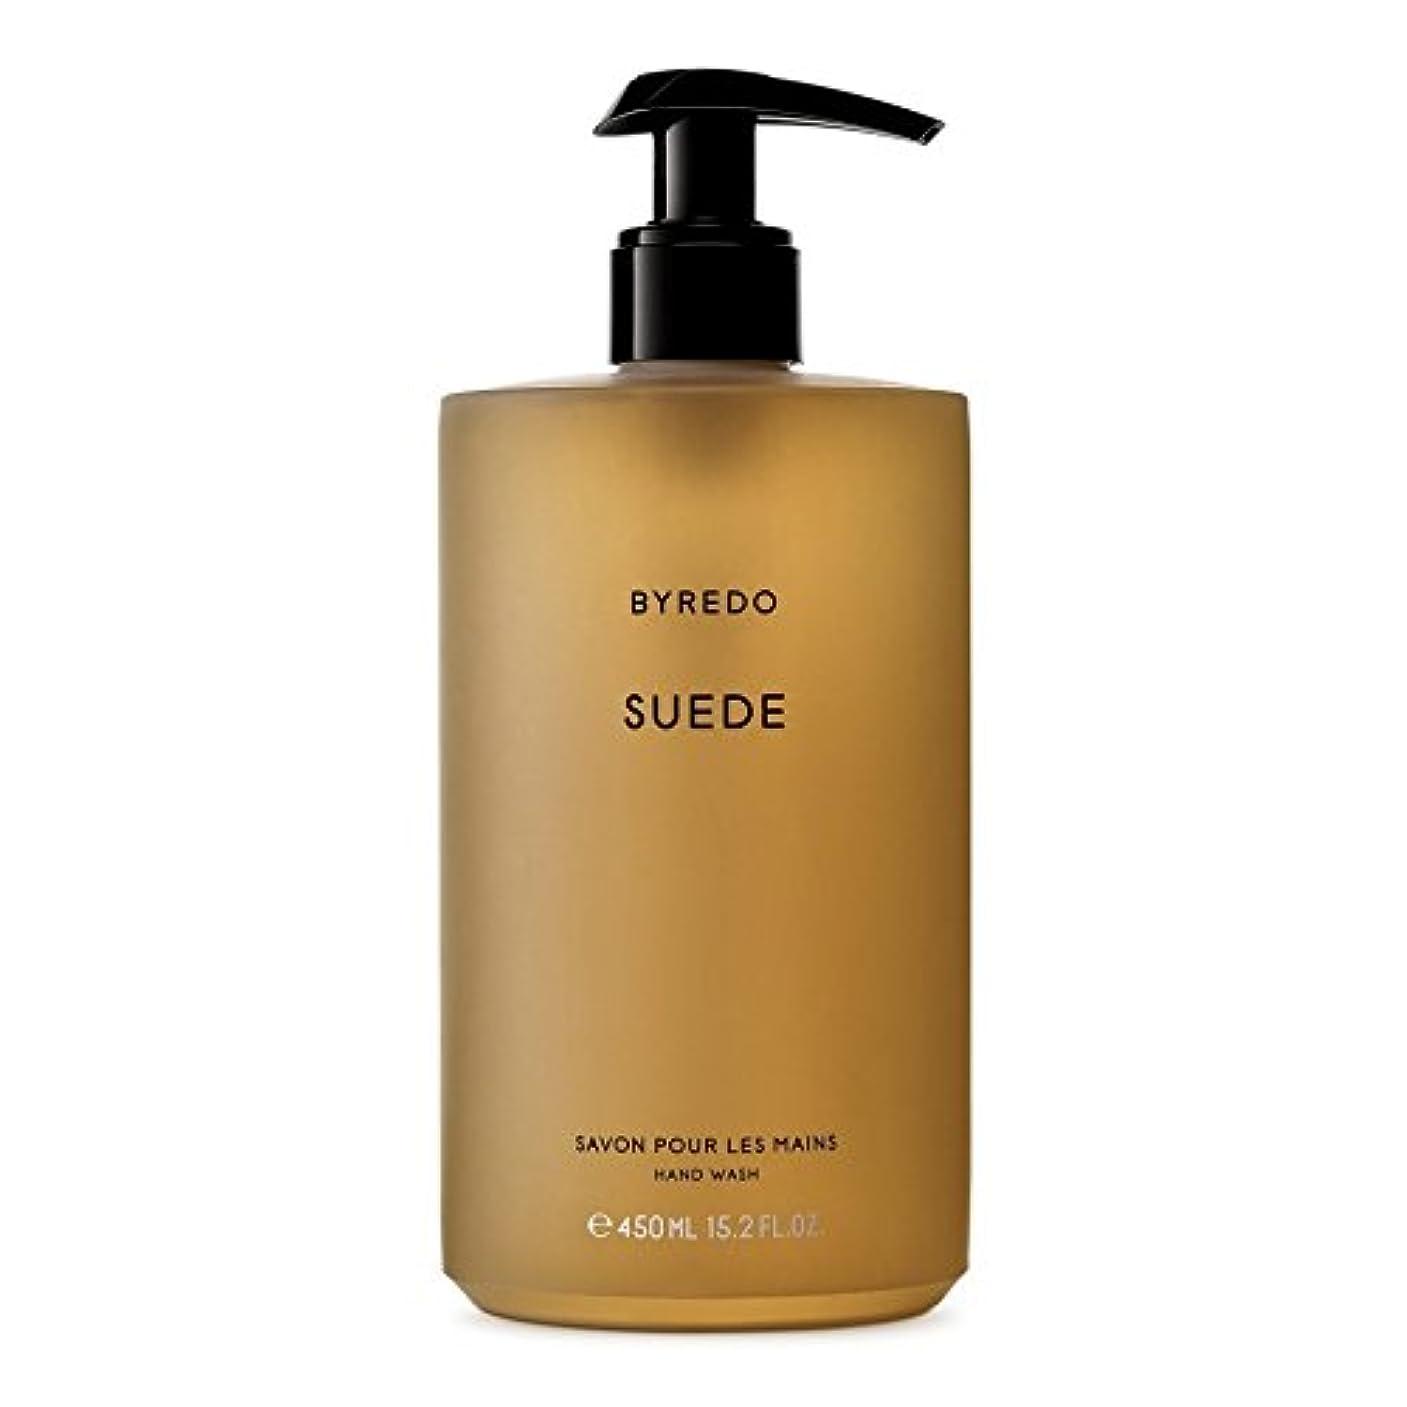 シンポジウムドーム演じるByredo Suede Hand Wash 450ml - スエードのハンドウォッシュ450ミリリットル [並行輸入品]